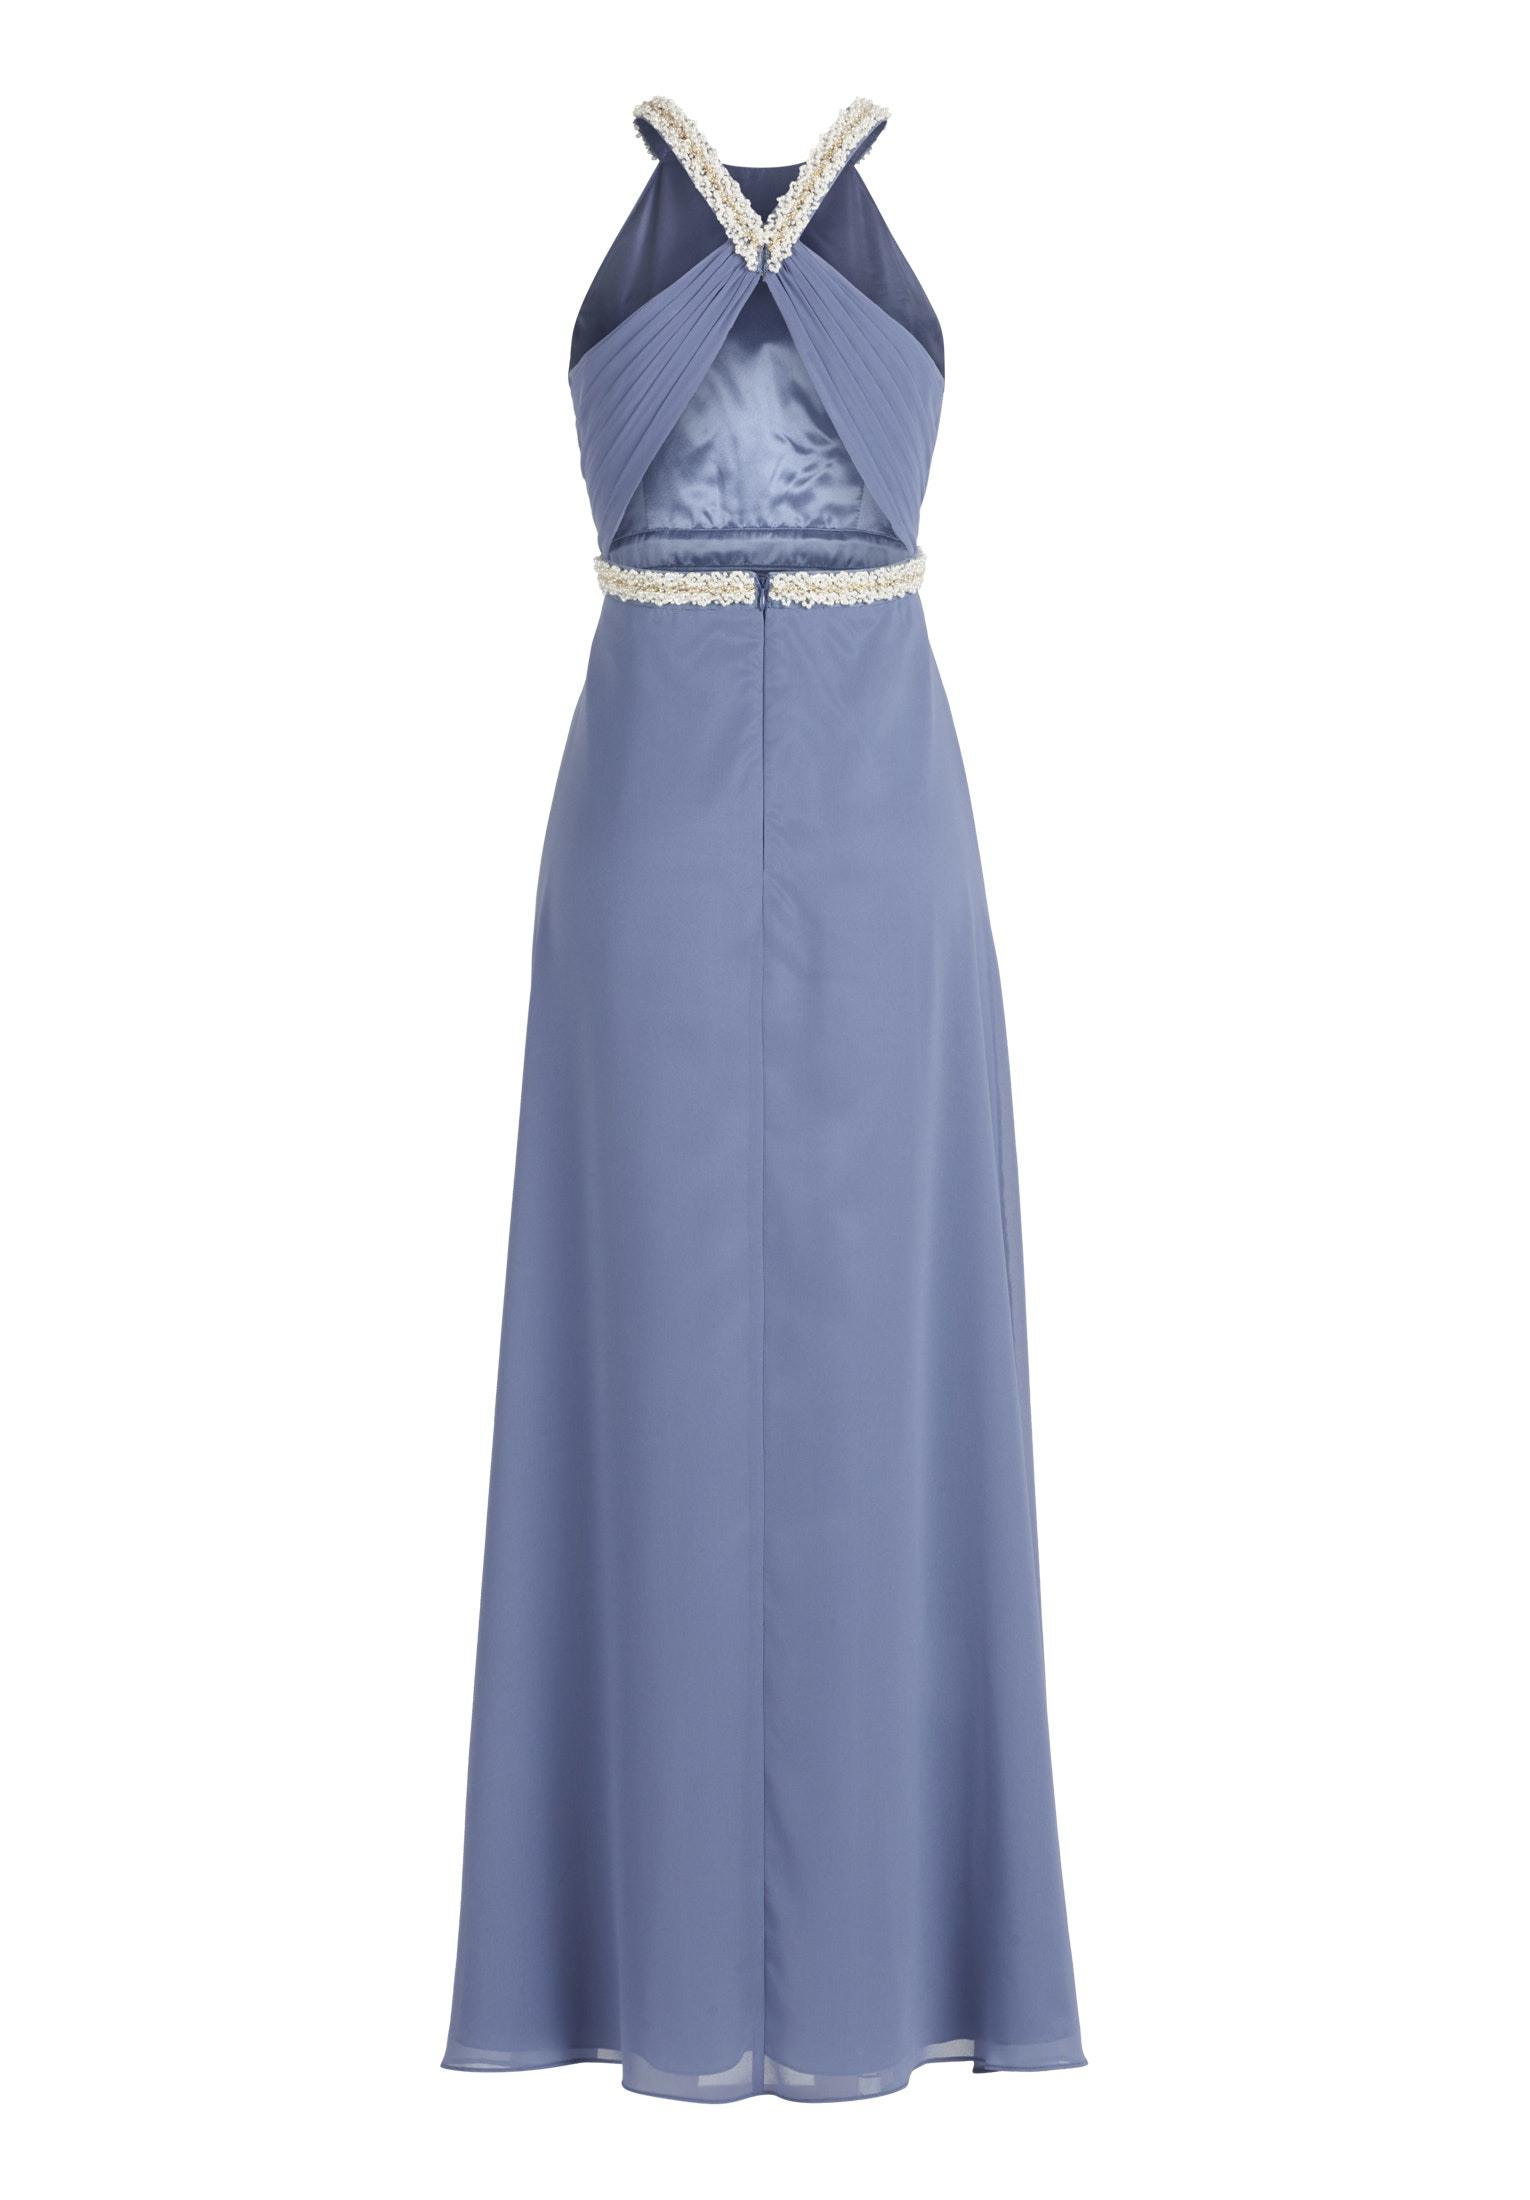 17 Luxurius Abendkleid Ulm Boutique20 Coolste Abendkleid Ulm Bester Preis